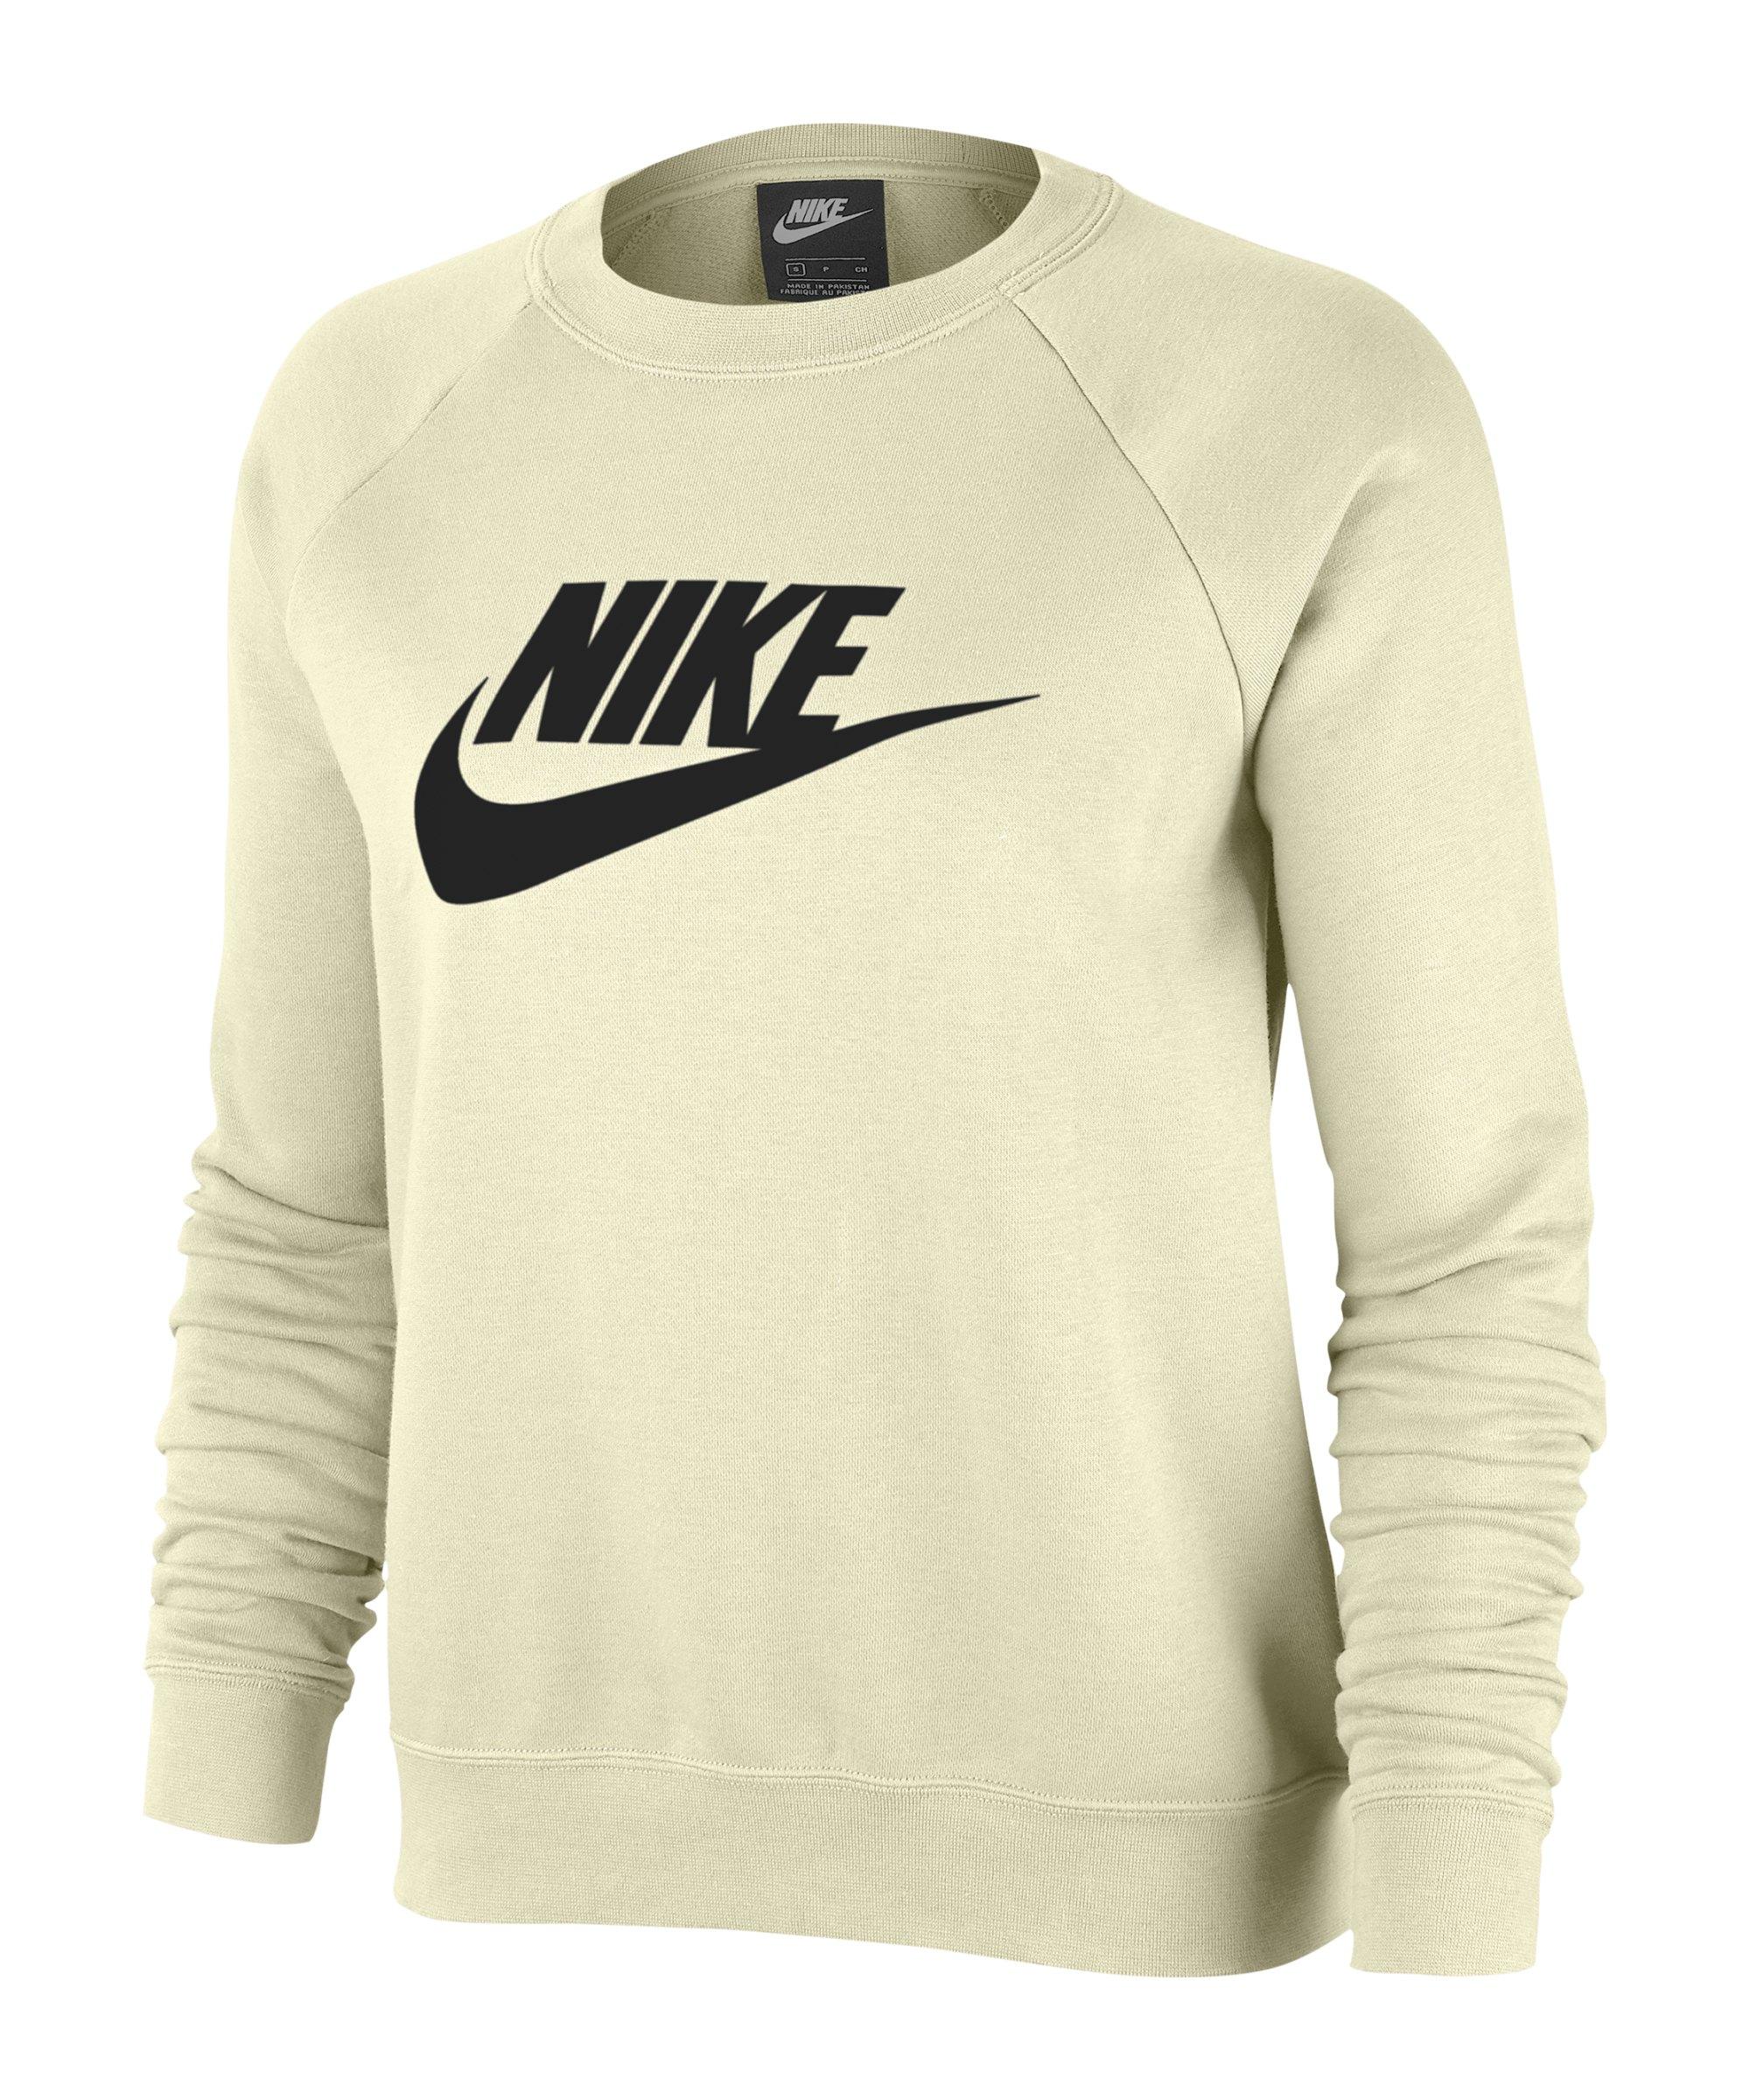 Nike Crew Fleece Sweatshirt Damen Beige F113 - beige